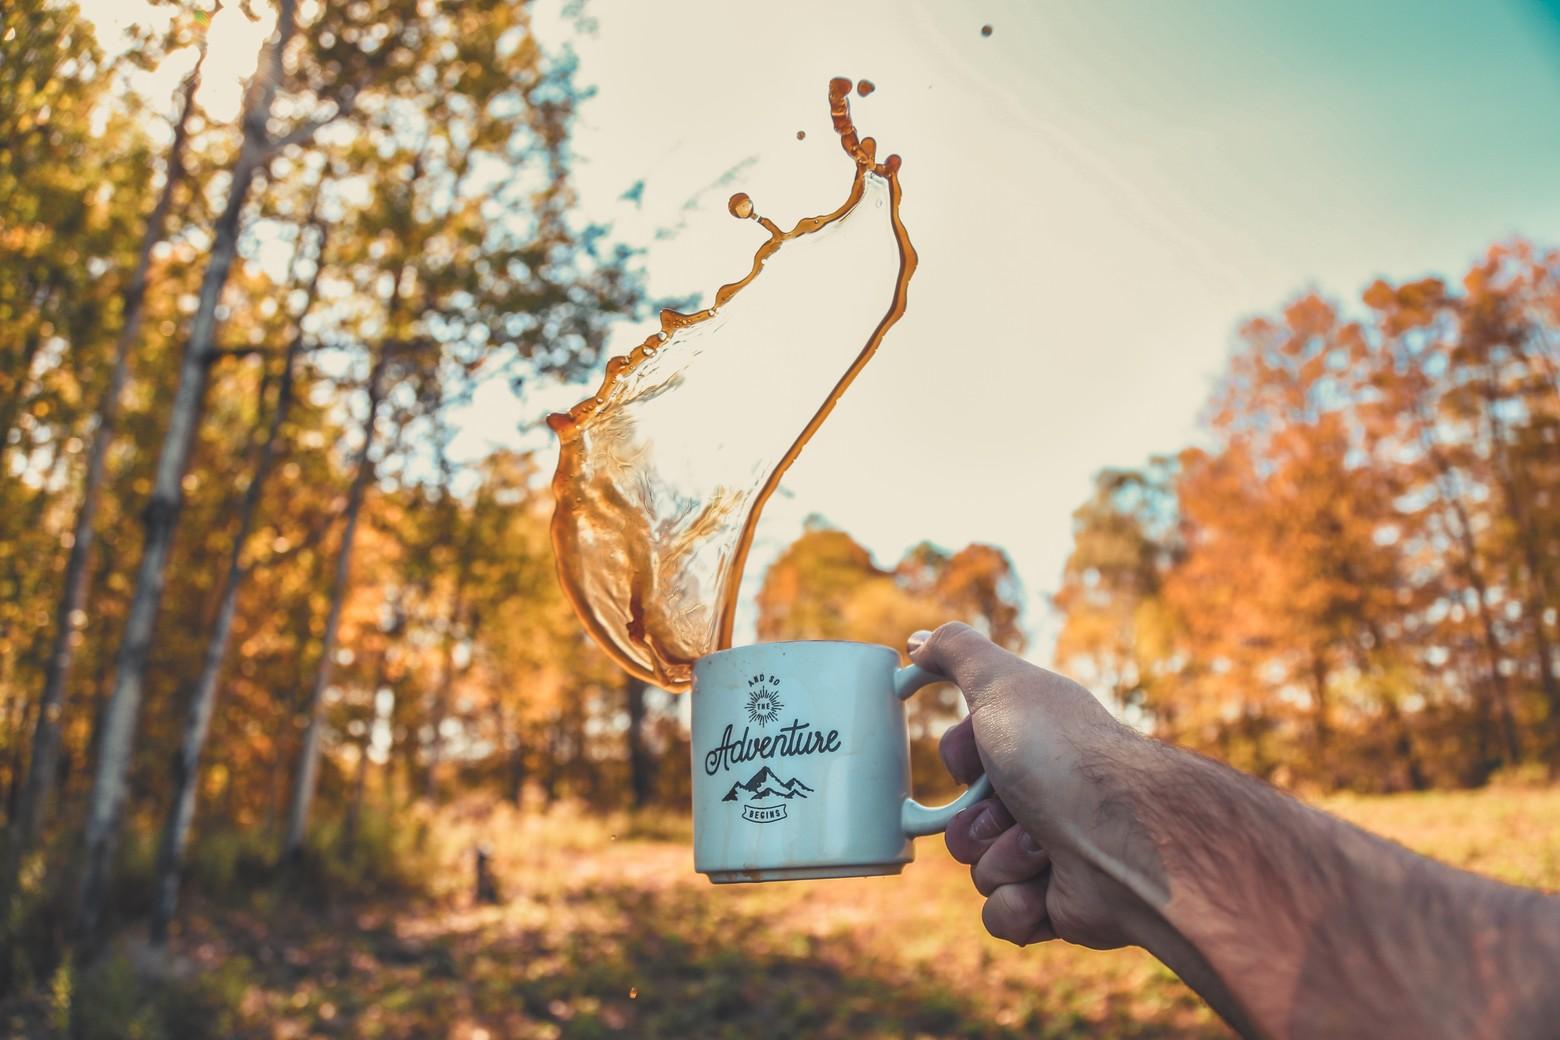 mise au point peu profonde de la personne renversant le café de la tasse